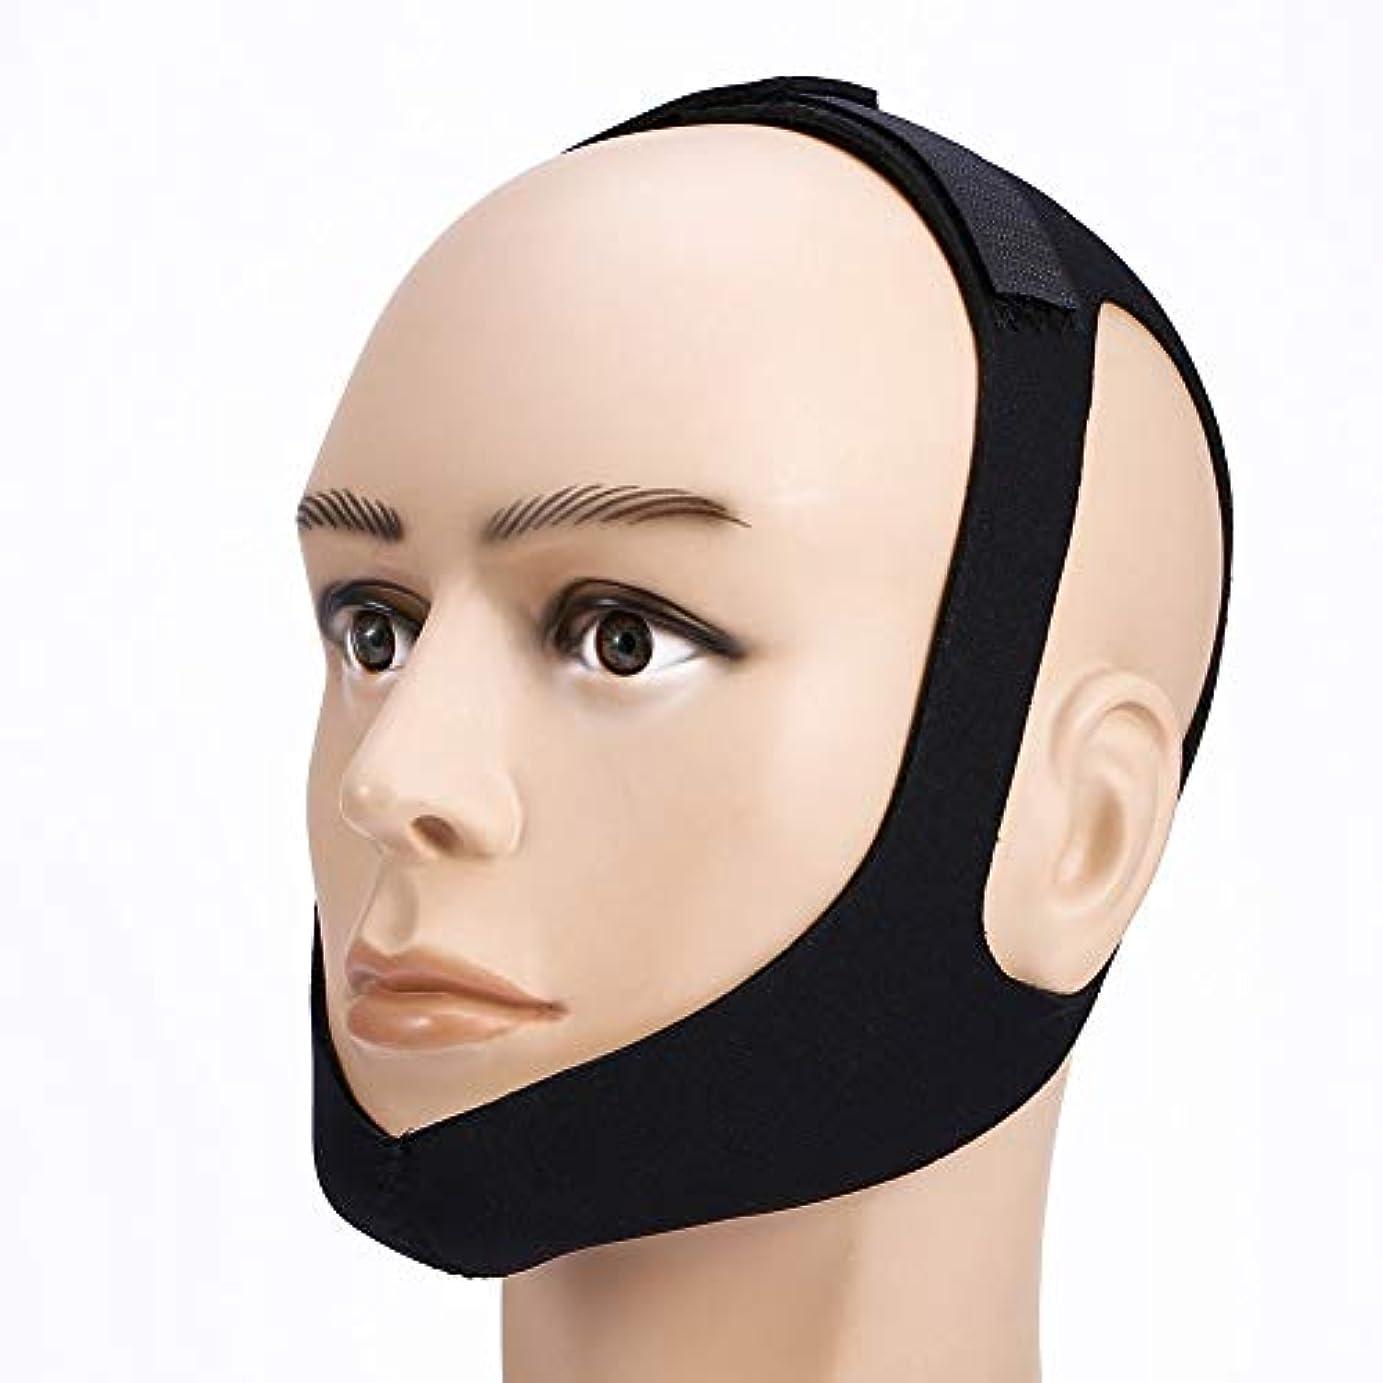 幸福担当者ハロウィン注意睡眠時無呼吸顎あごサポートストラップベルトいびき防止ヘッドバンドいびきベルト止めいびき防止マスク女性用男性寝具